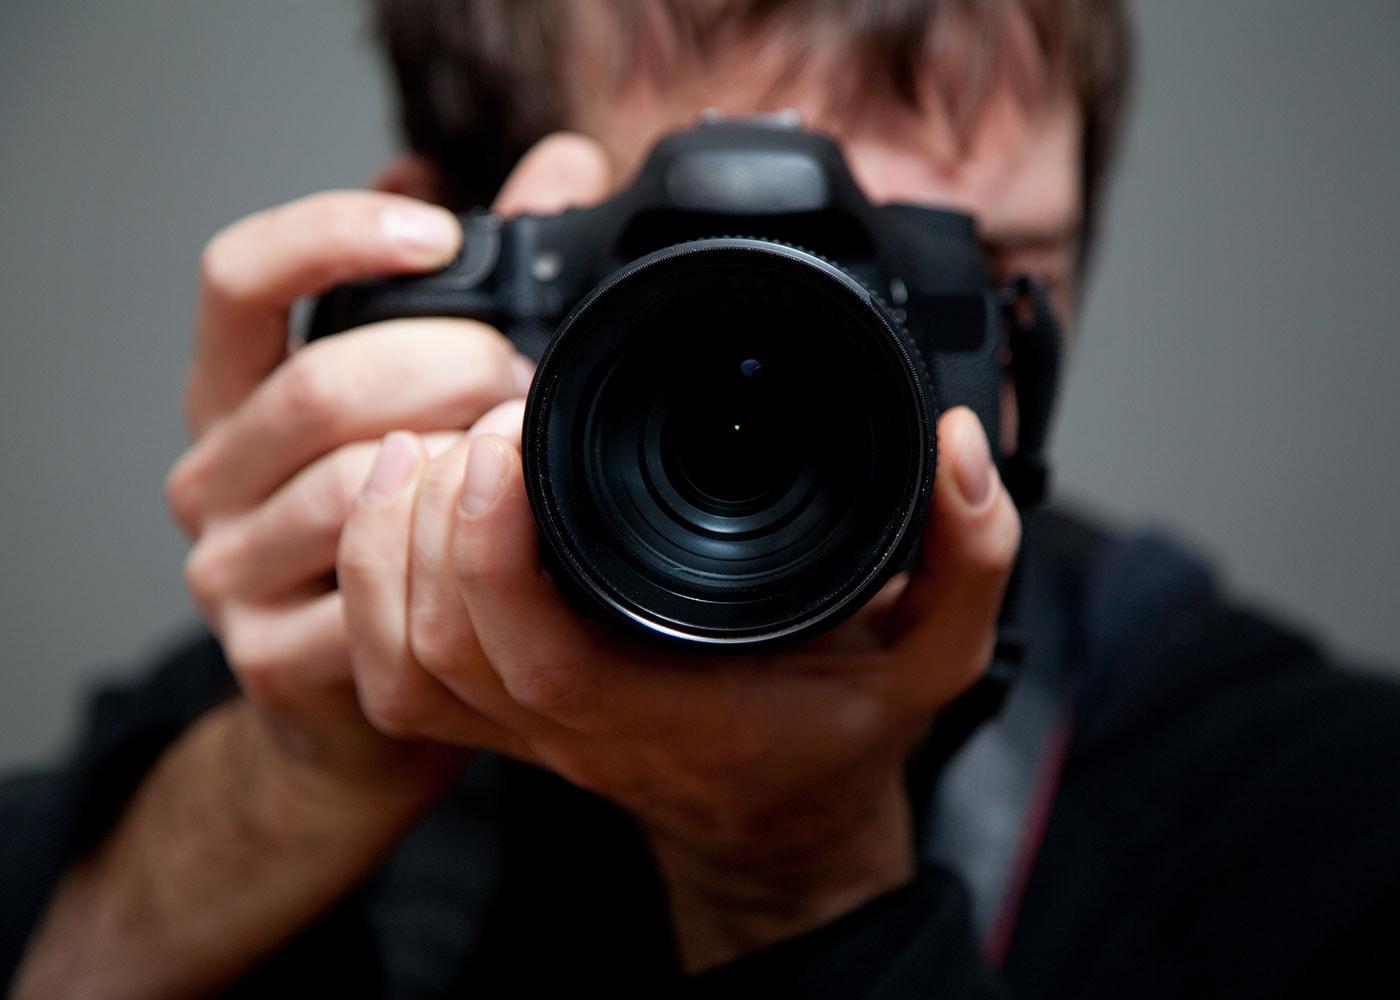 Korrekte Handhaltung beim Fotografieren